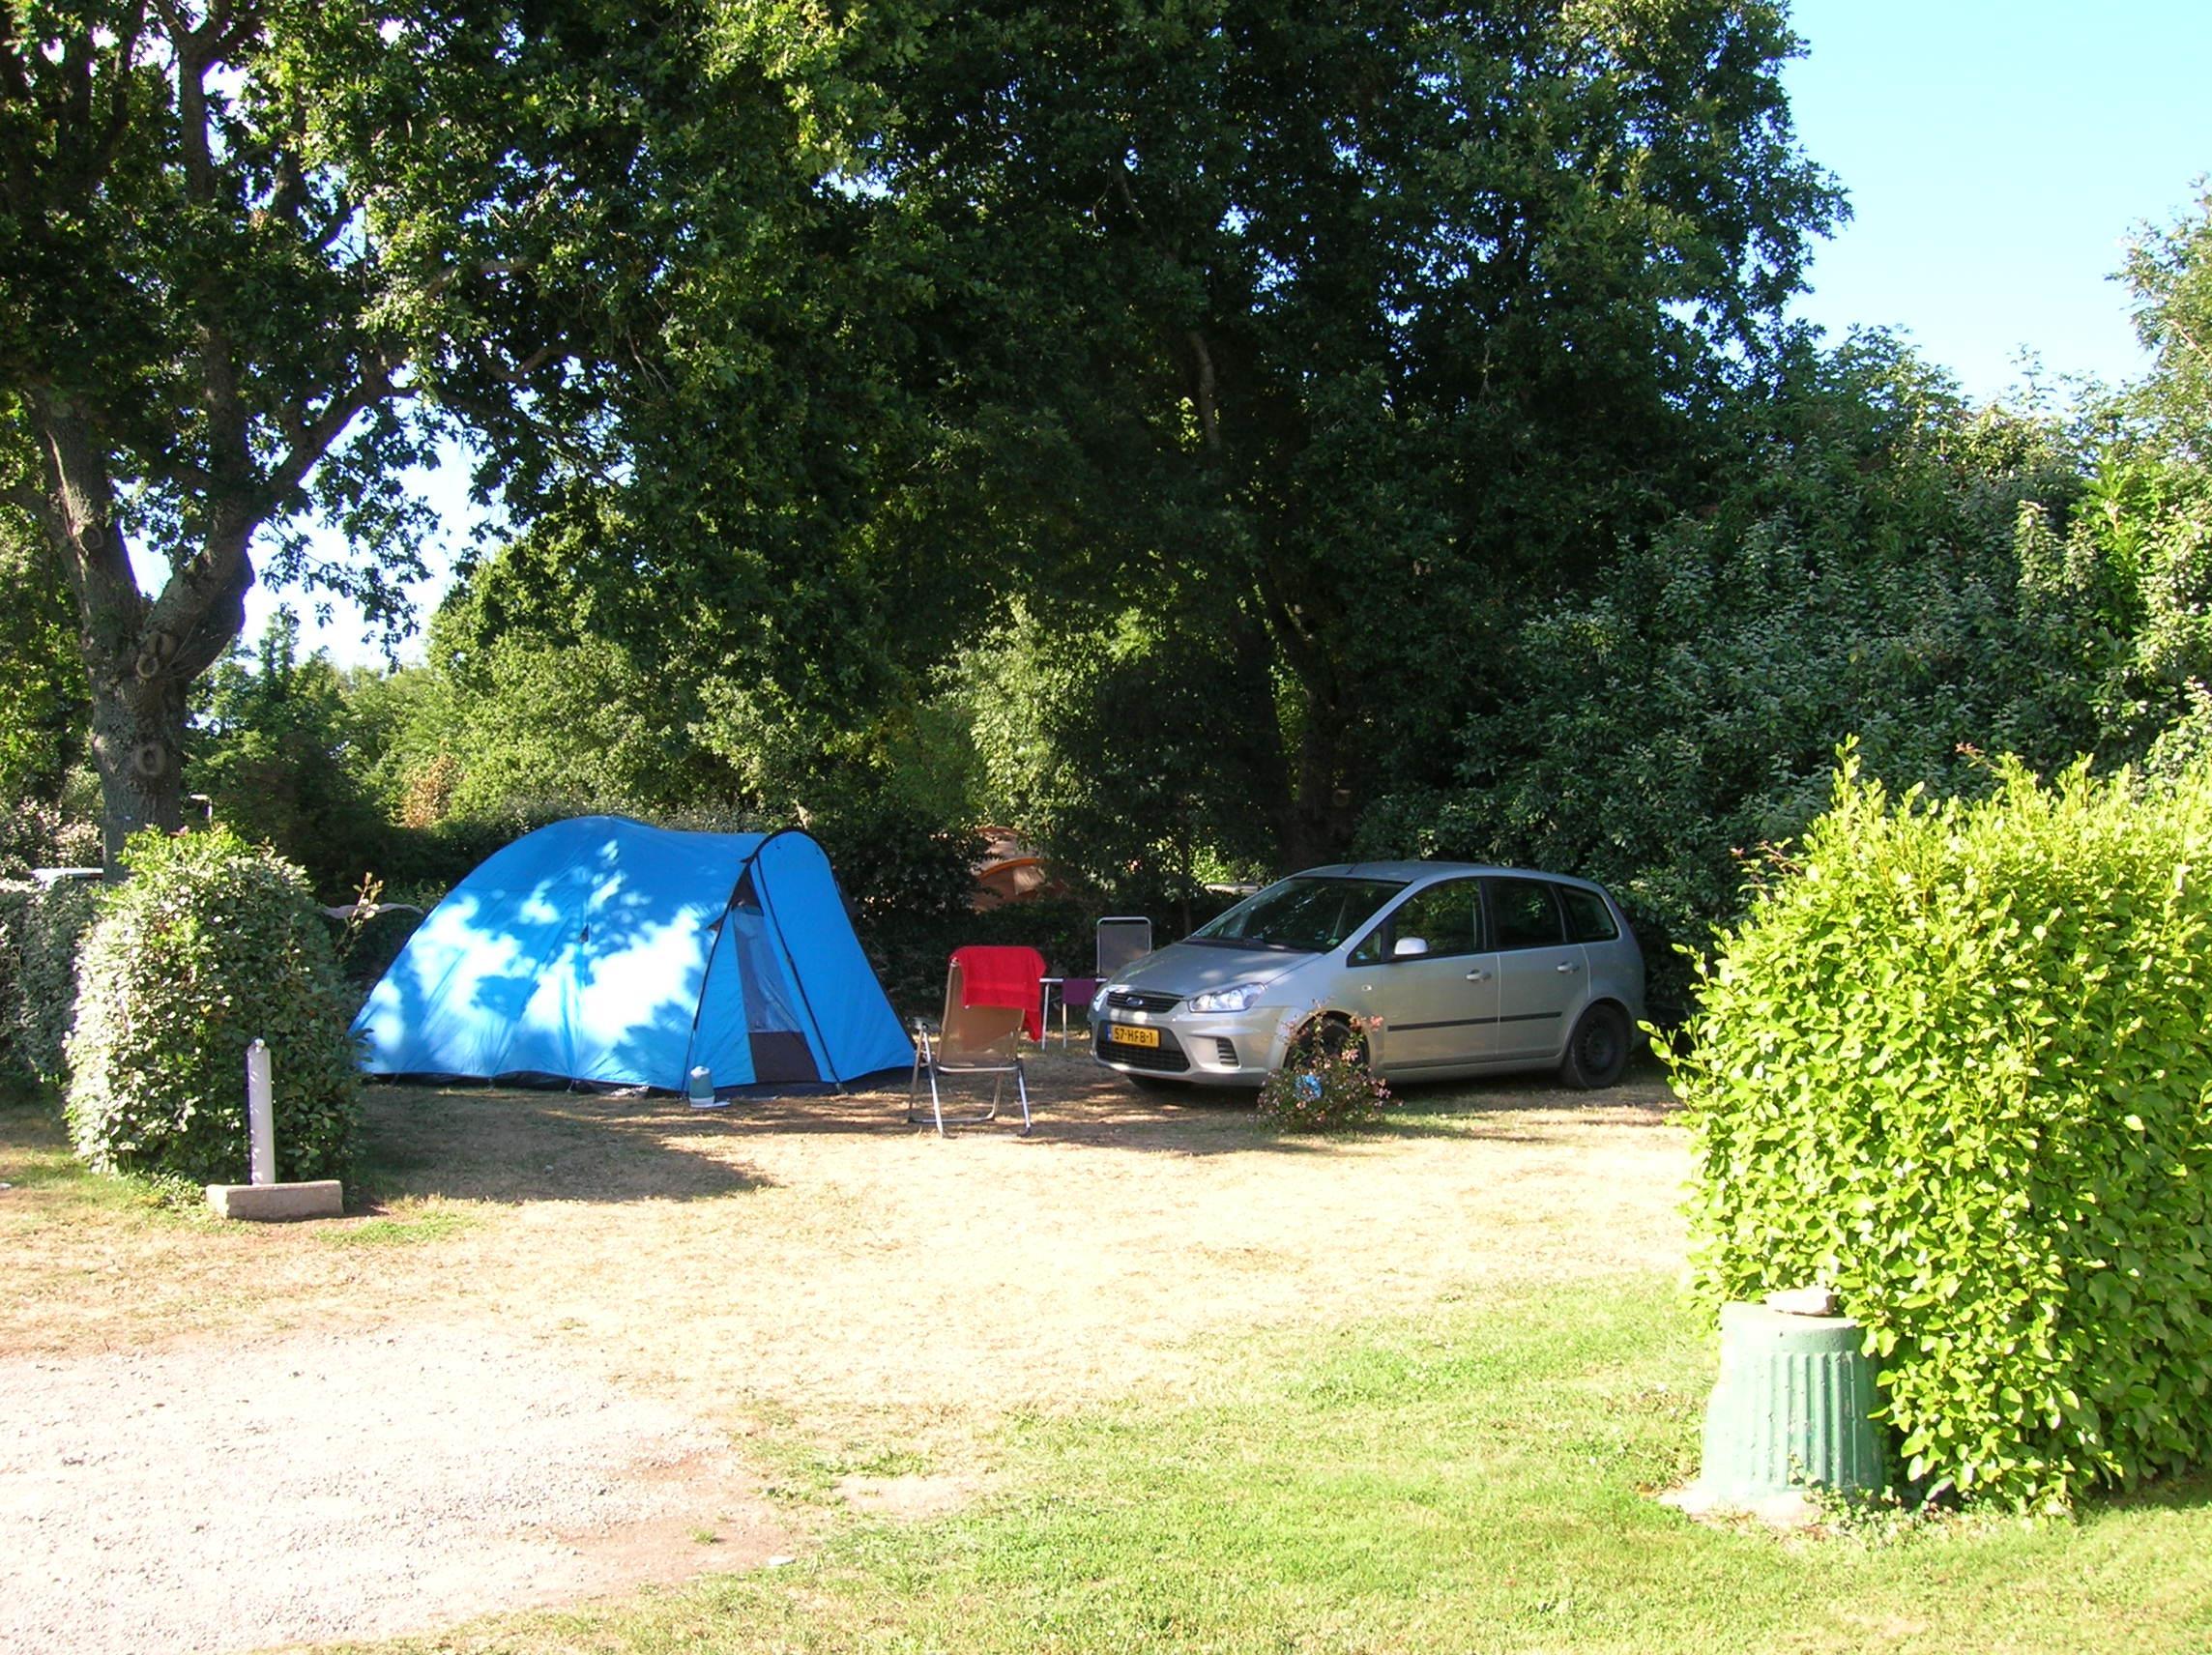 Emplacement - Emplacement + Véhicule - Camping Des Chaumières